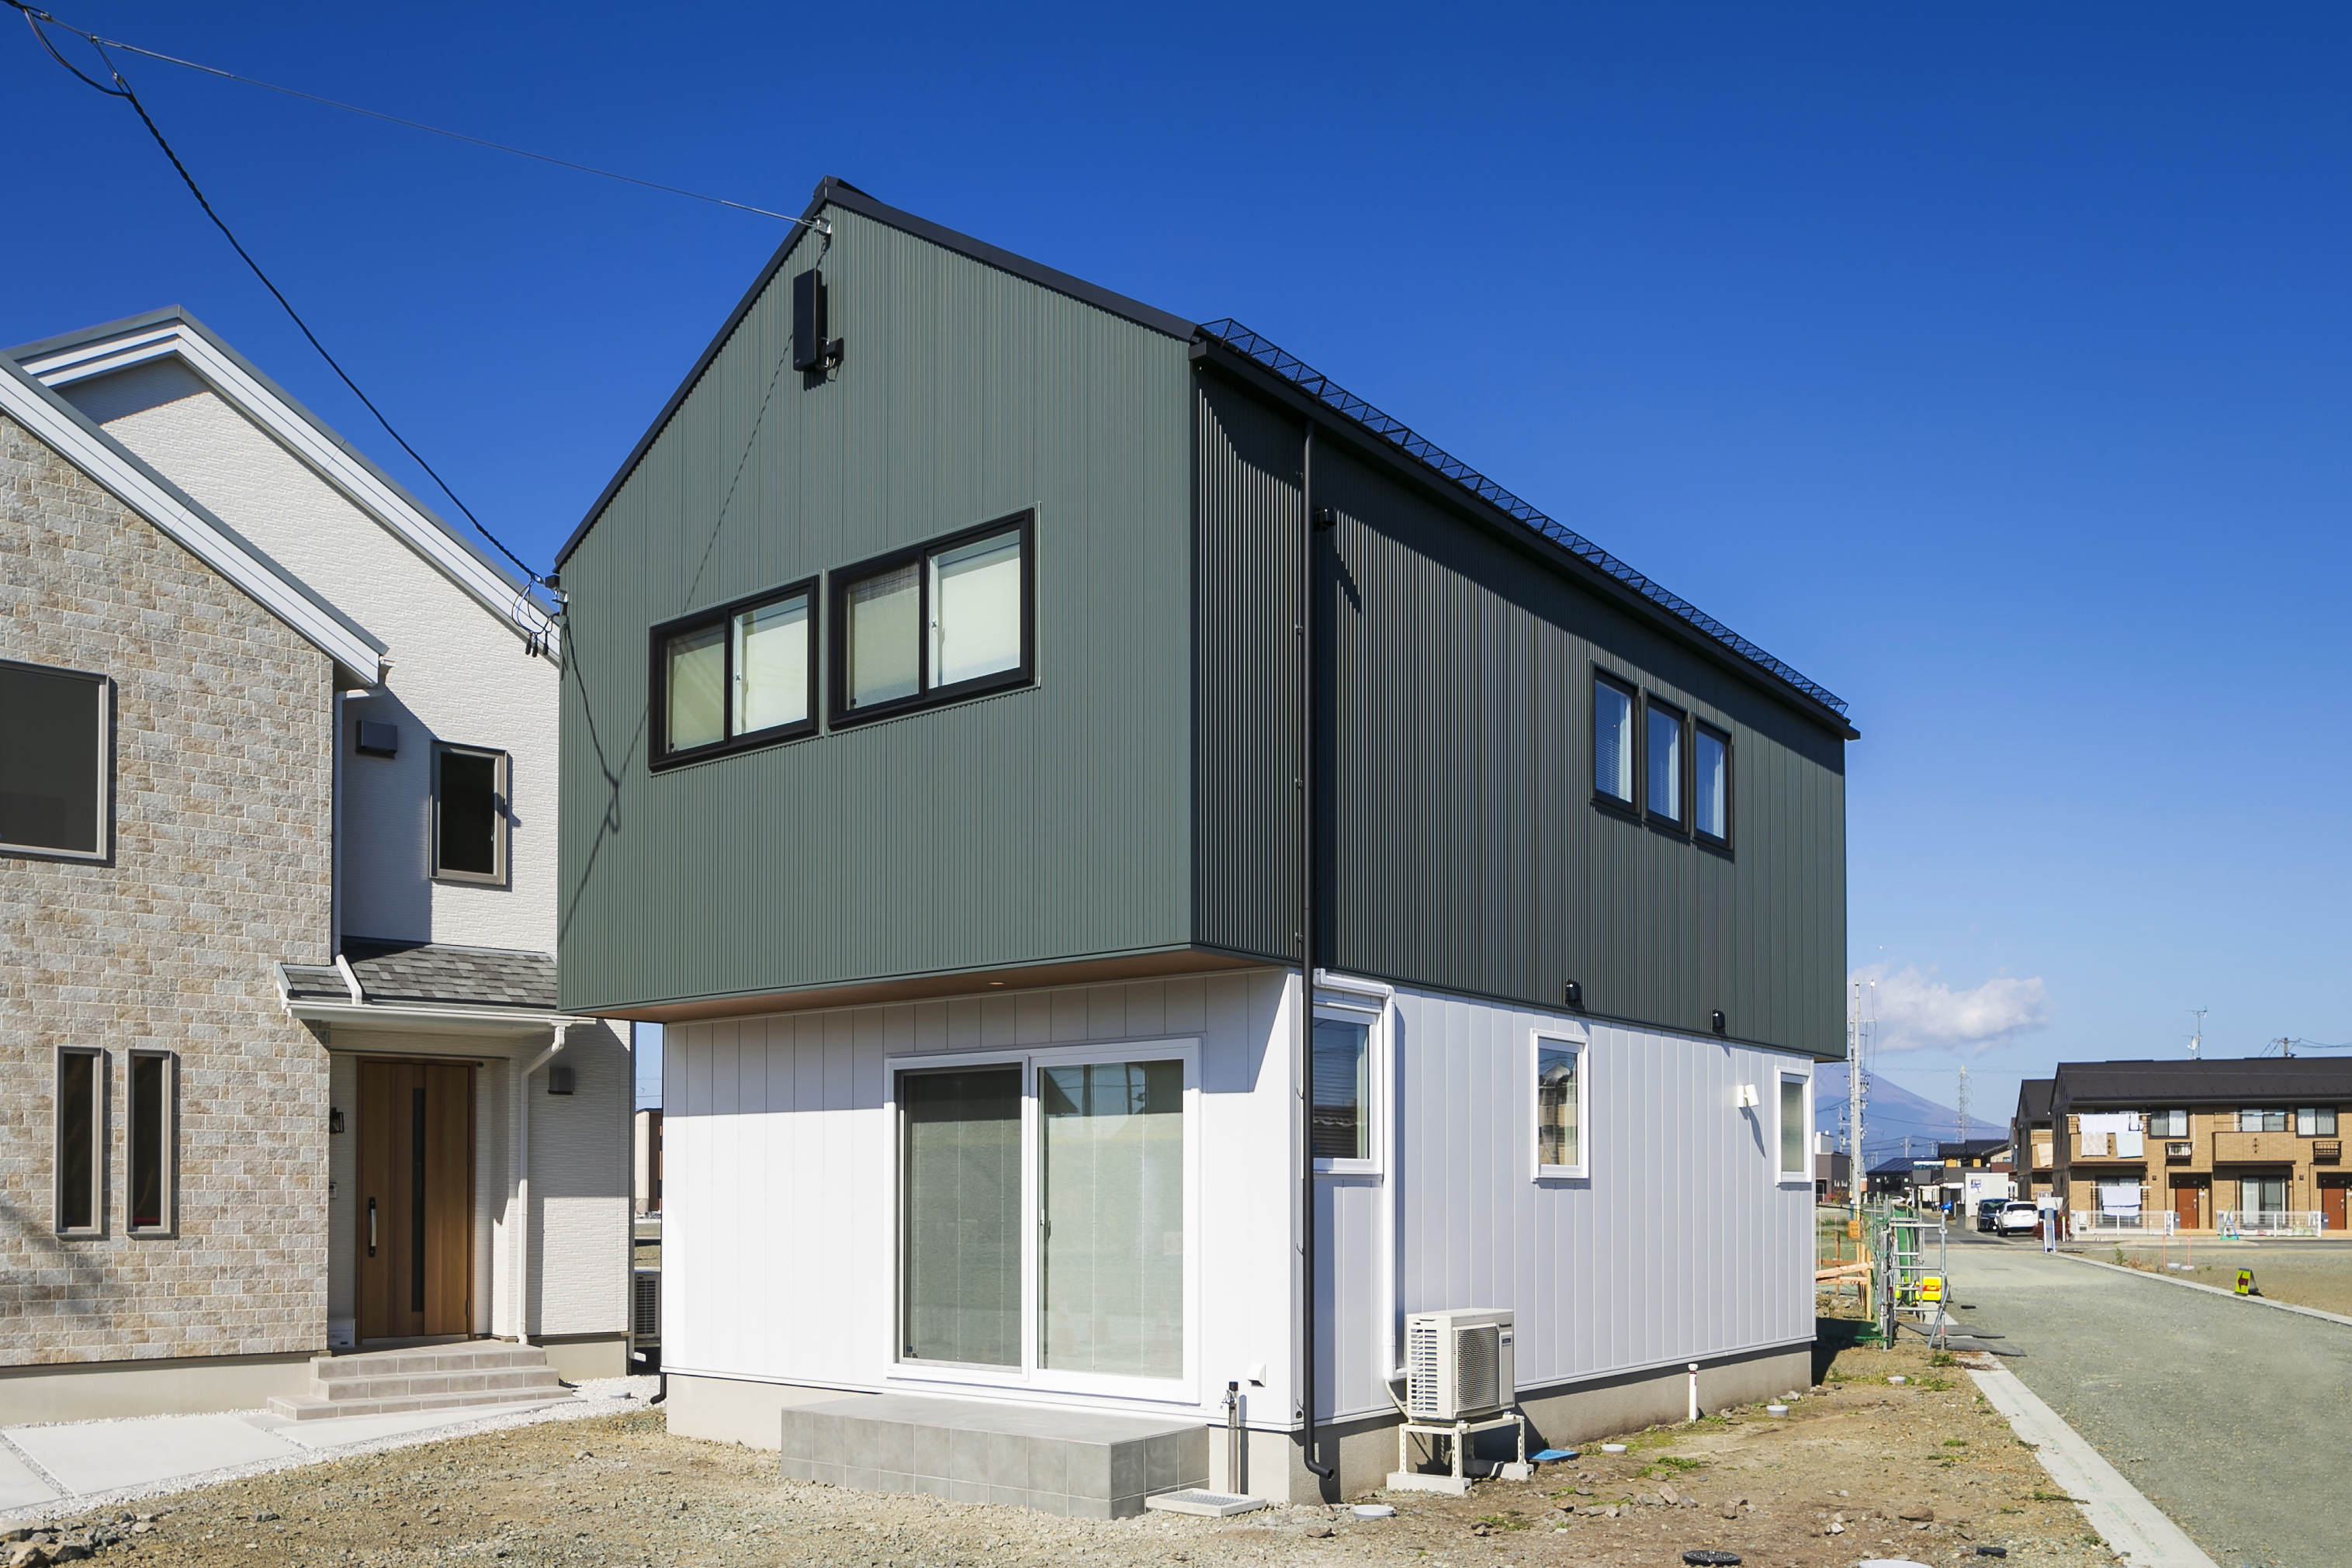 ハウスM21+archi「周囲との関係性・持続性のあるデザイン」外観写真